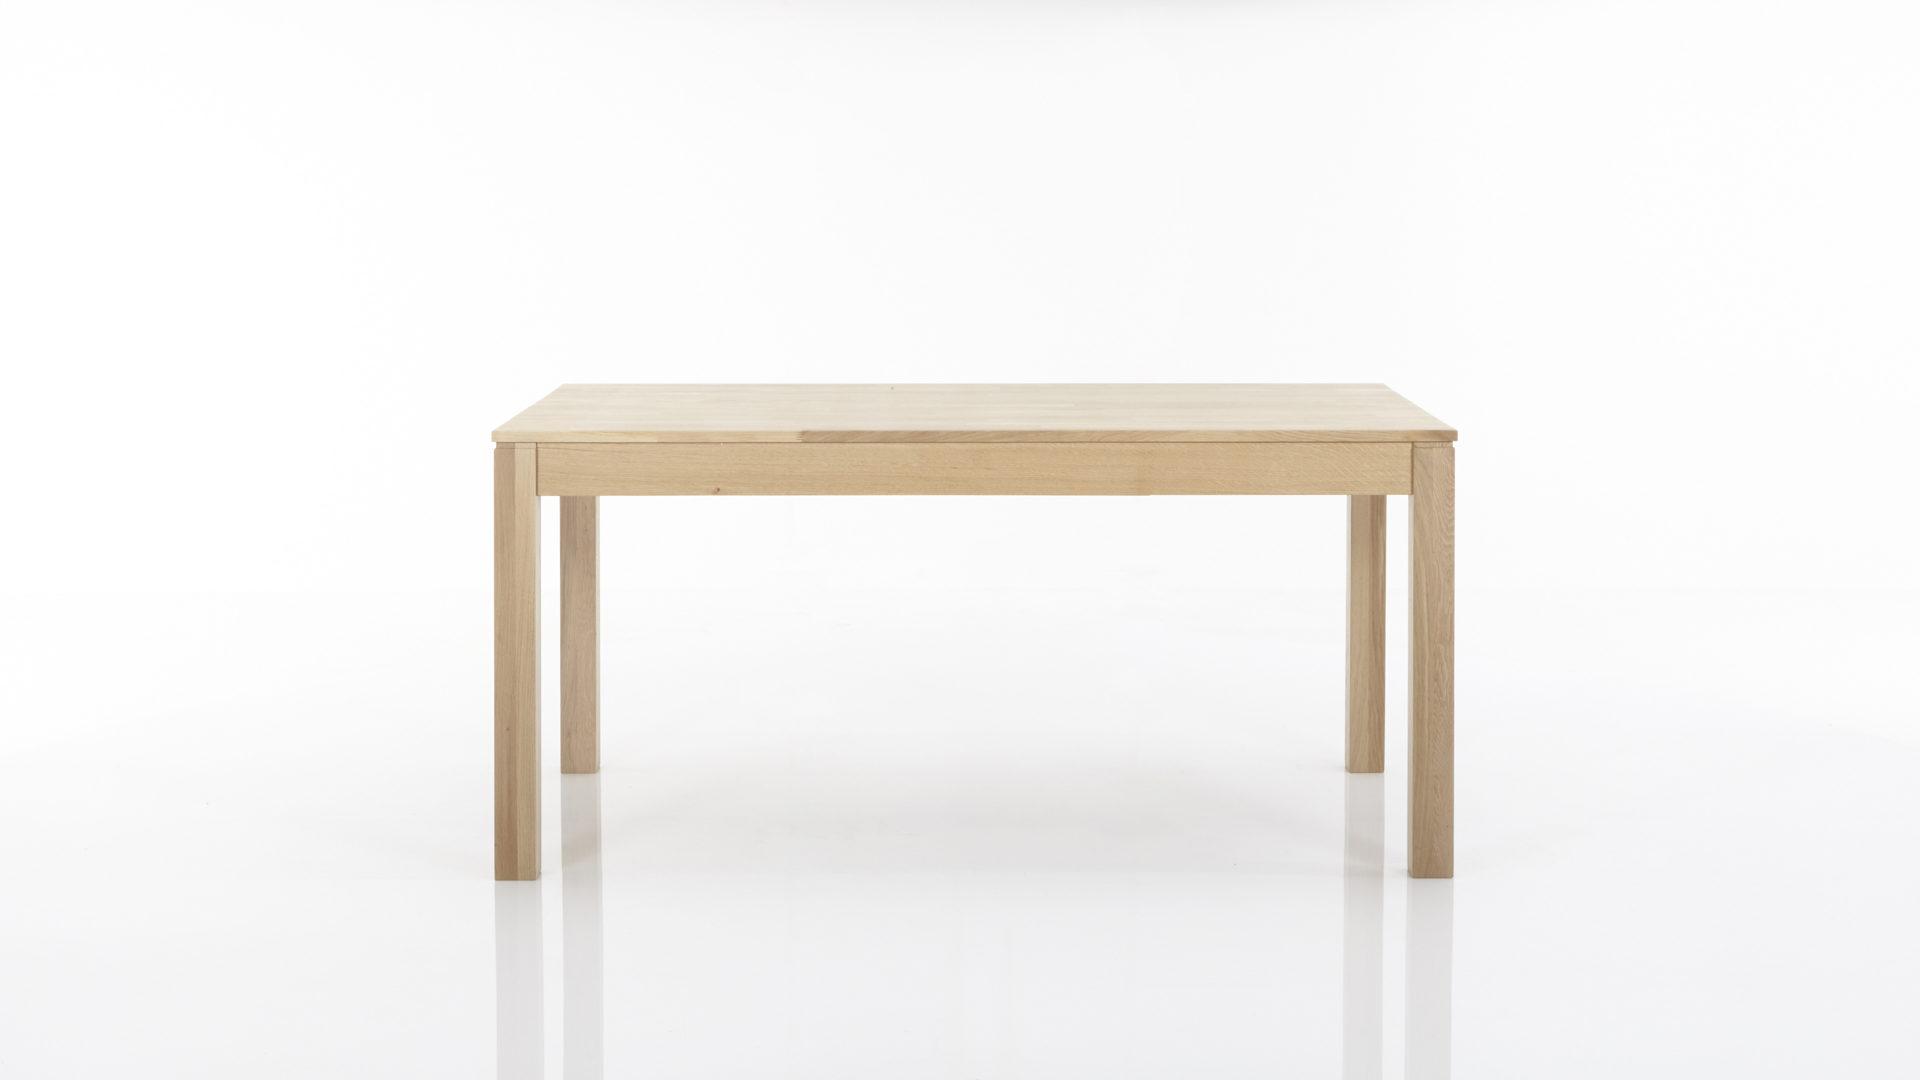 mobel angermuller bad neustadt salz markenshops tische stuhle esszimmertisch esszimmertisch bzw ausziehtisch geoltes eichenholz ca